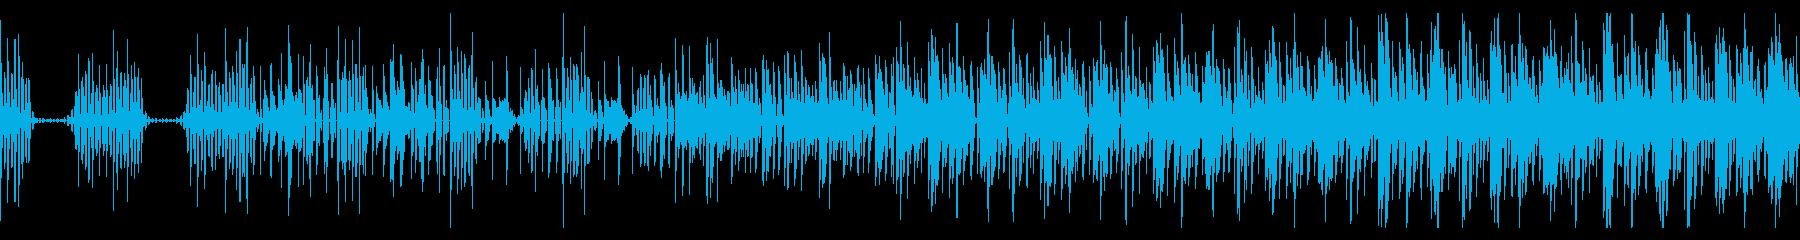 おしゃれでゆったりとしたエレクトロBGMの再生済みの波形